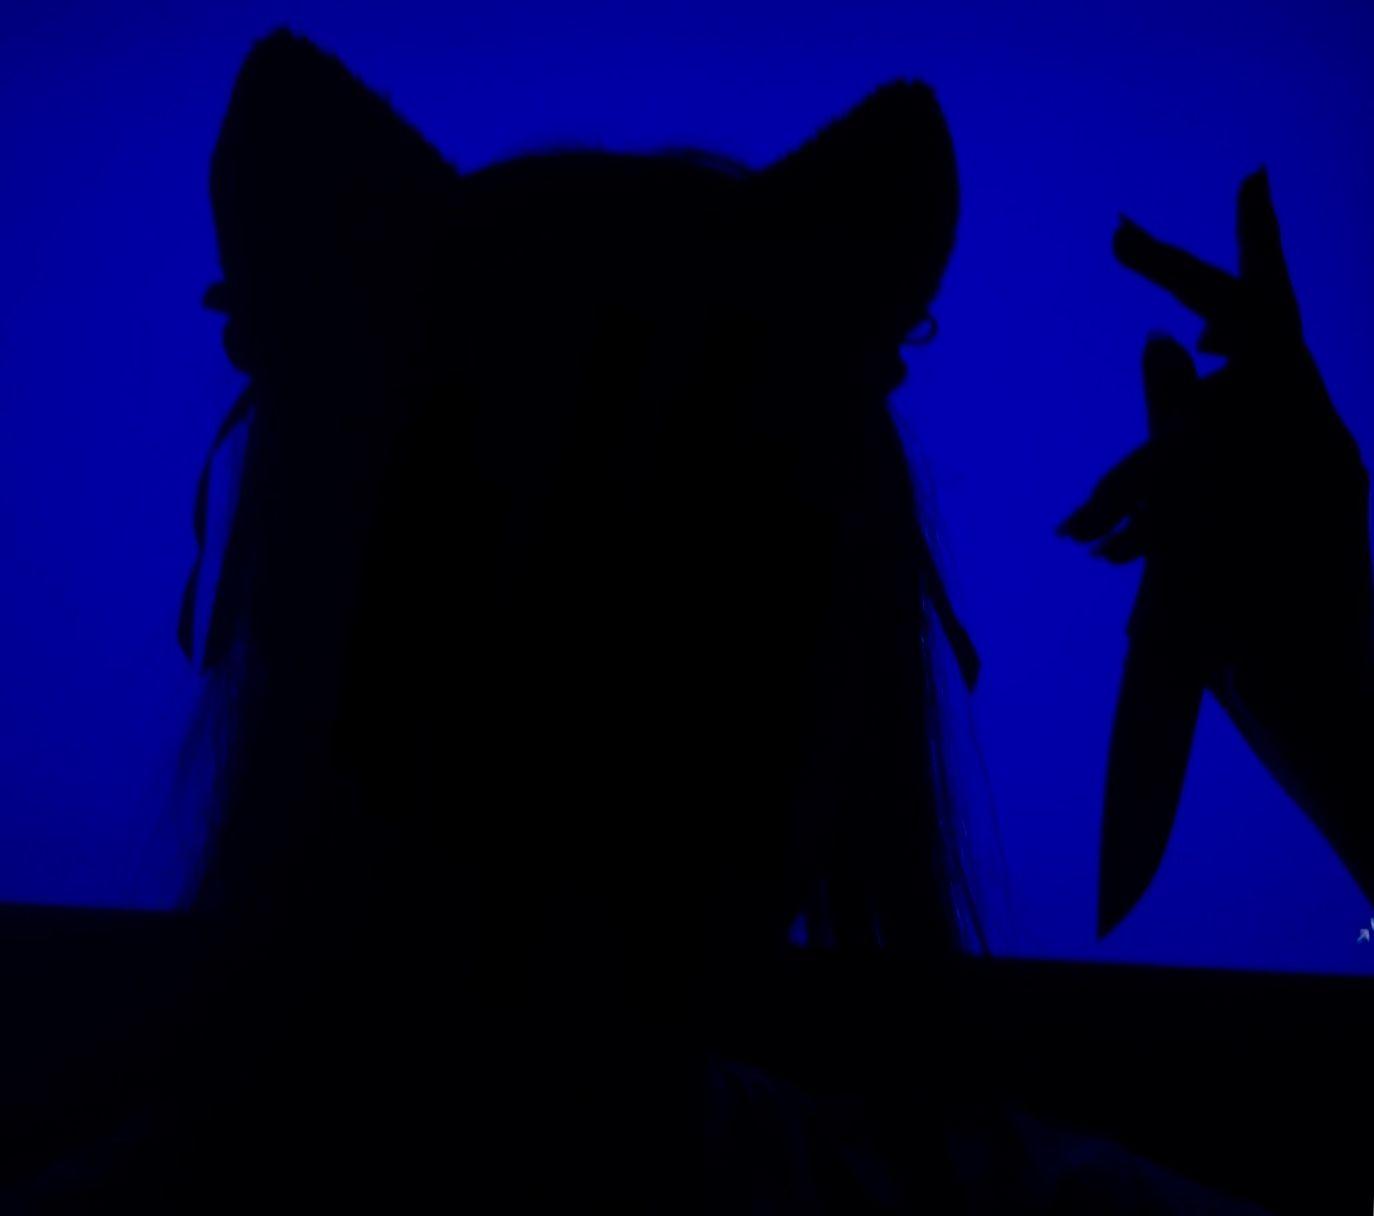 Blue Kitty Blue Aesthetic Grunge Blue Aesthetic Dark Blue Aesthetic Pastel